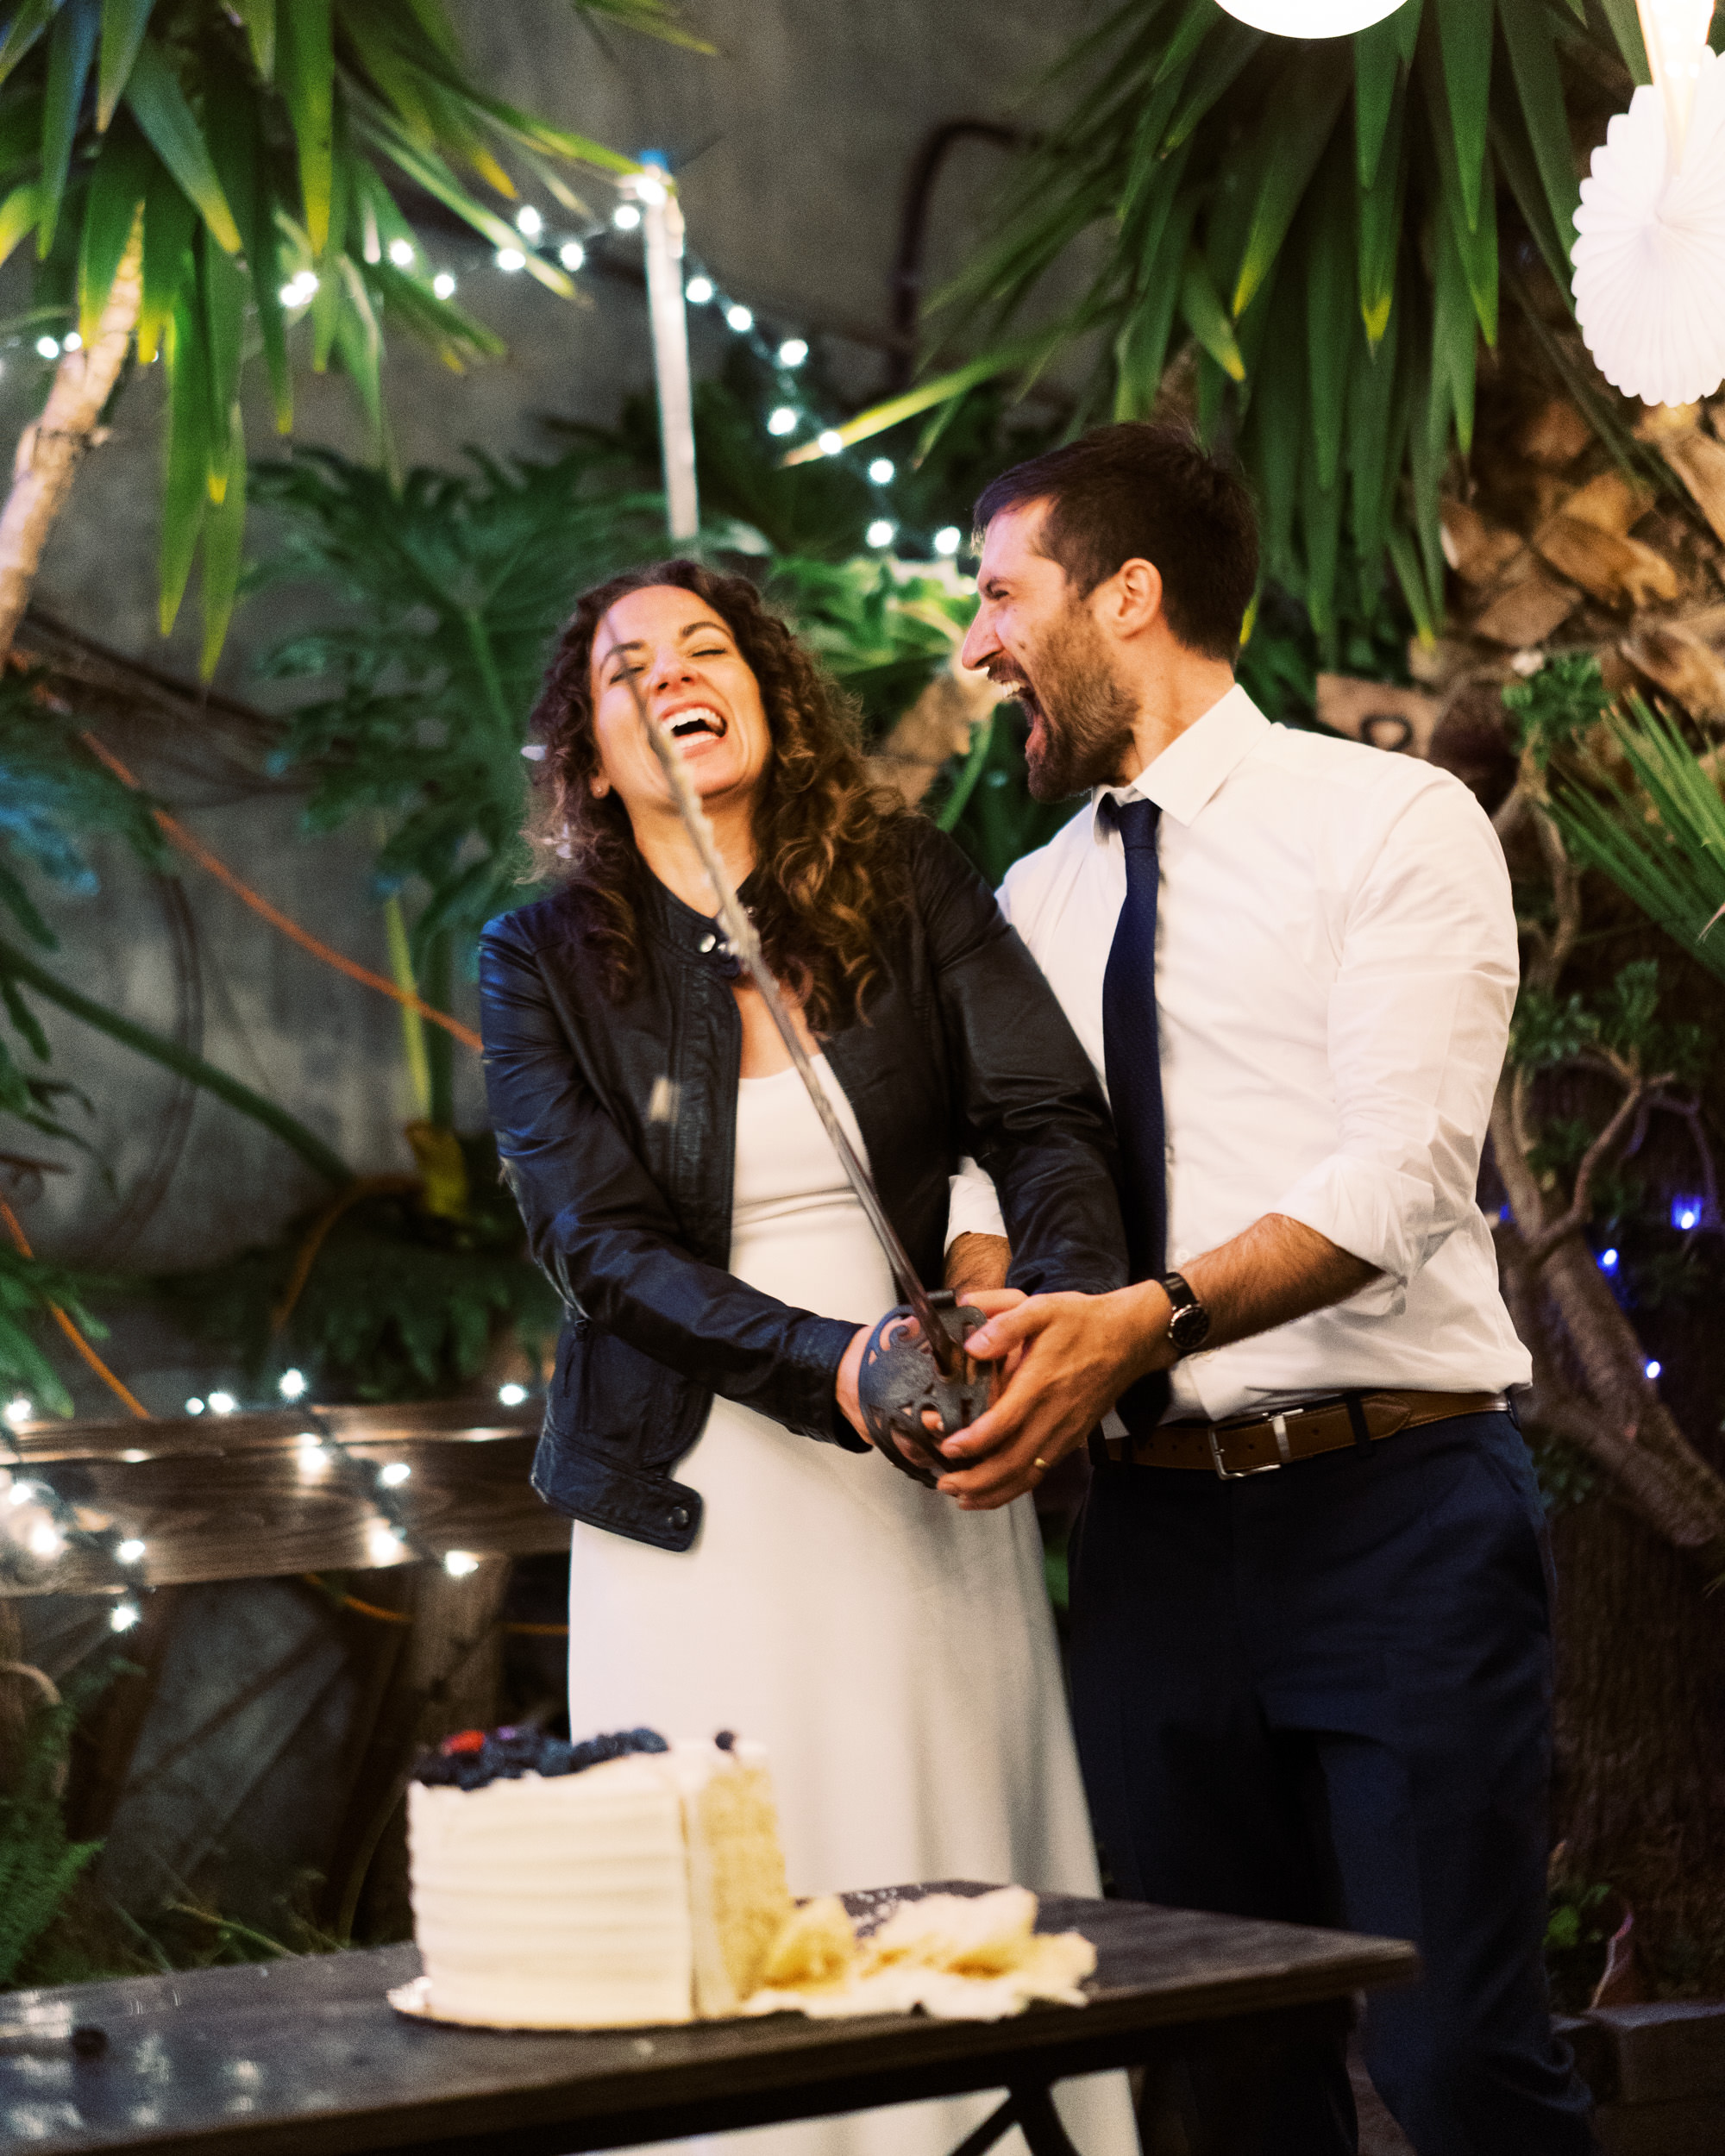 El Rio San Francisco Wedding 006.jpg